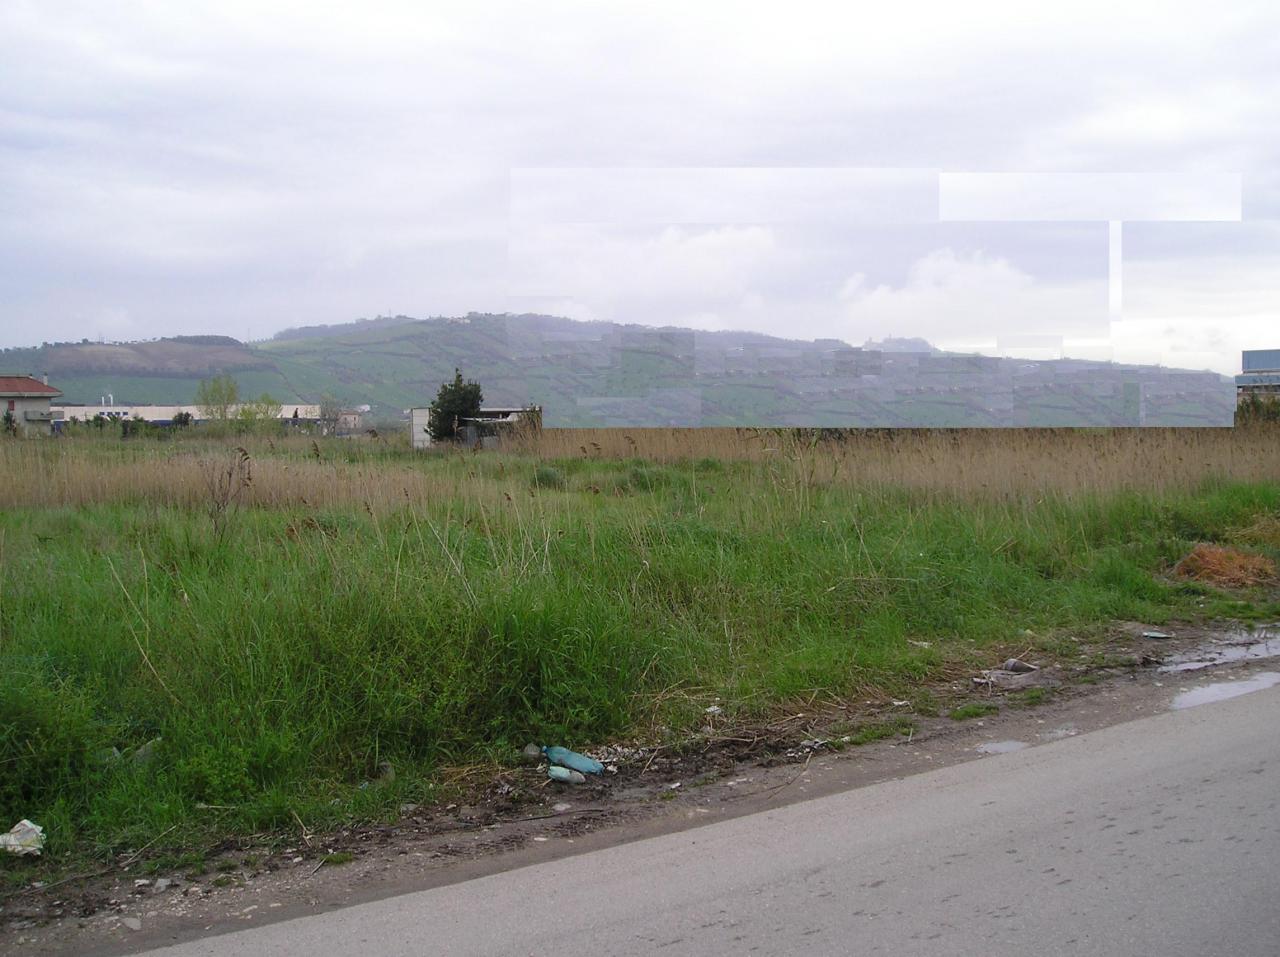 Terreno Edificabile Residenziale in vendita a San Benedetto del Tronto, 9999 locali, zona Località: StradaStatale16, prezzo € 900.000 | Cambio Casa.it